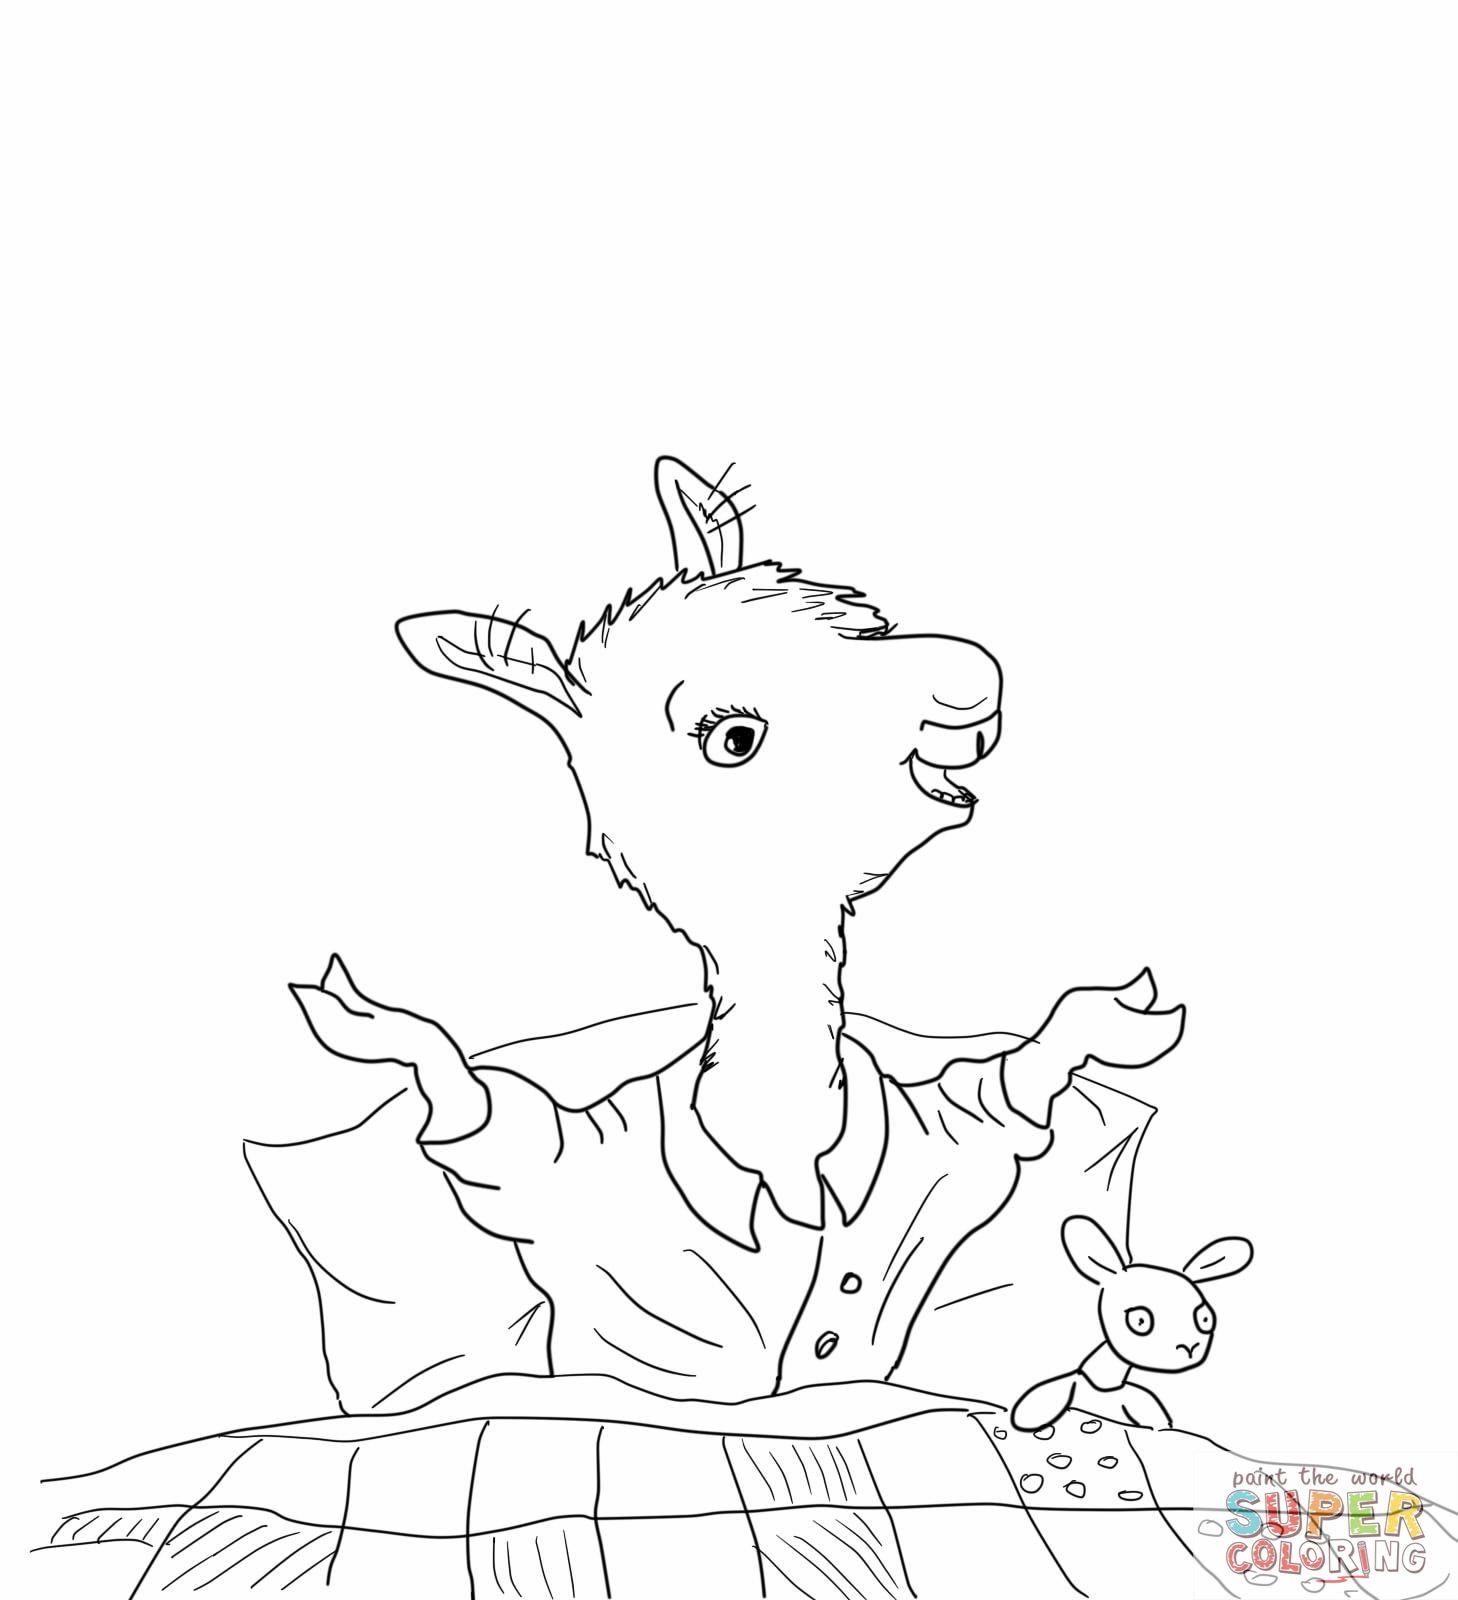 Llama Llama Home With Mama Coloring Page Jpg 1458 1600 Llama Llama Red Pajama Animal Coloring Pages Pajama Day